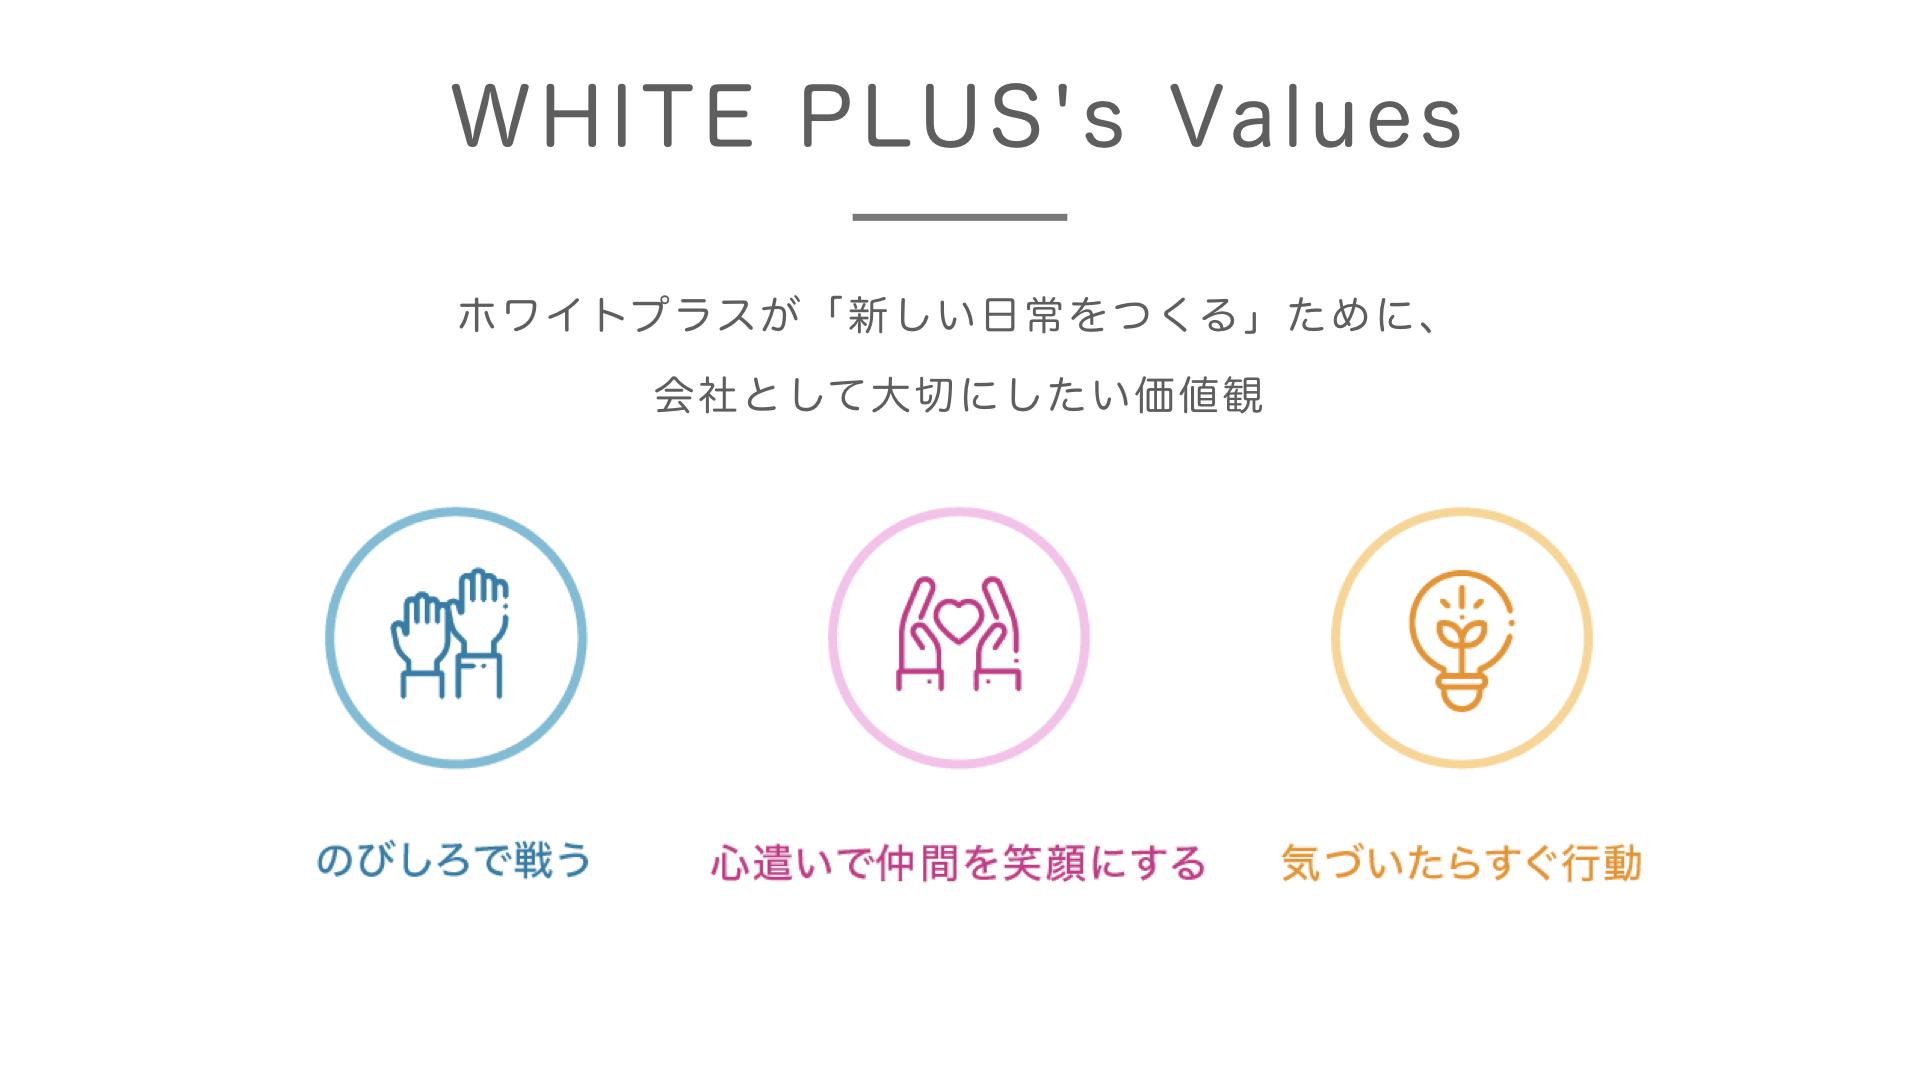 ホワイトプラスのバリュー説明スライド